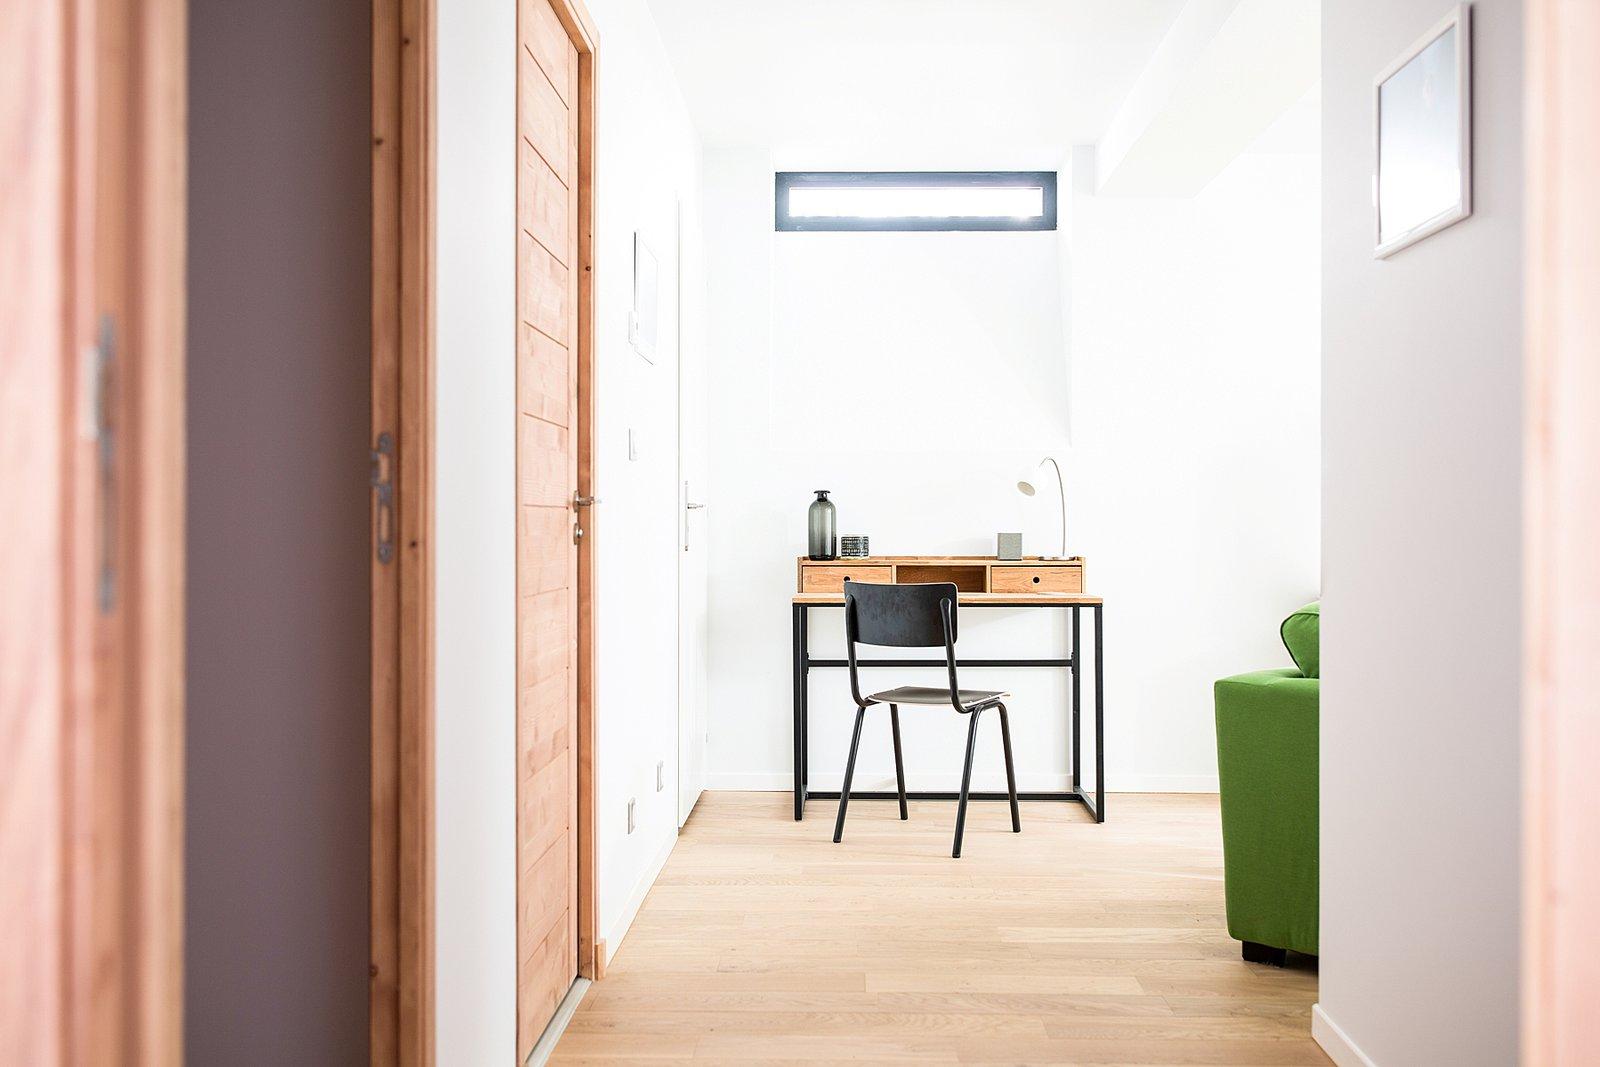 Chamois 1 Apartment, Chamonix: Self-catering accommodation